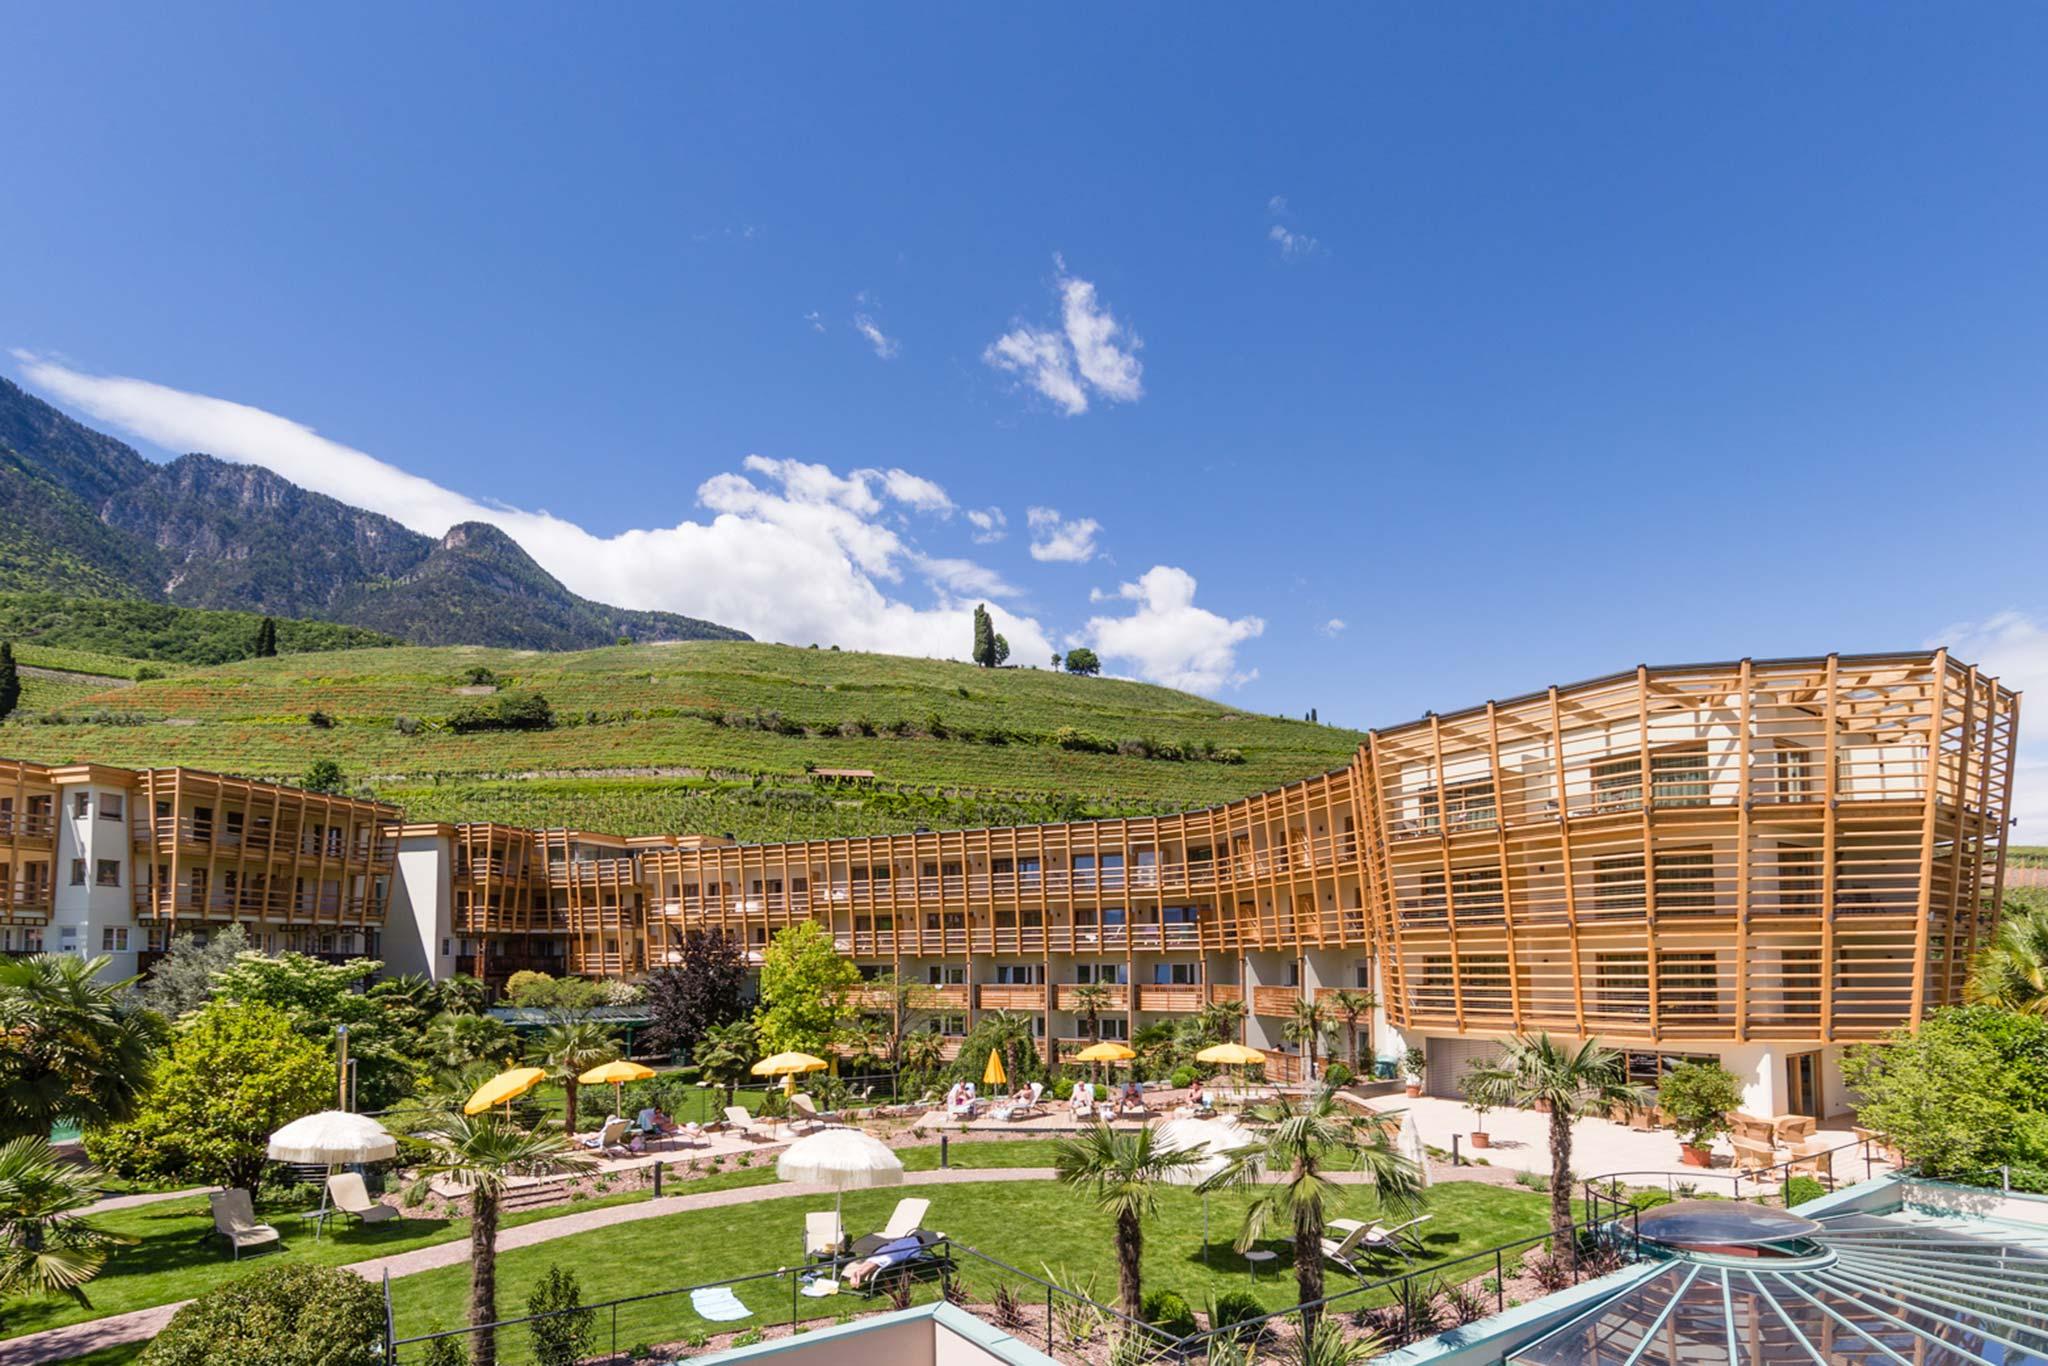 Gewinnspiel vinum hotels s dtirol ankommen genie en for Designhotel suedtirol